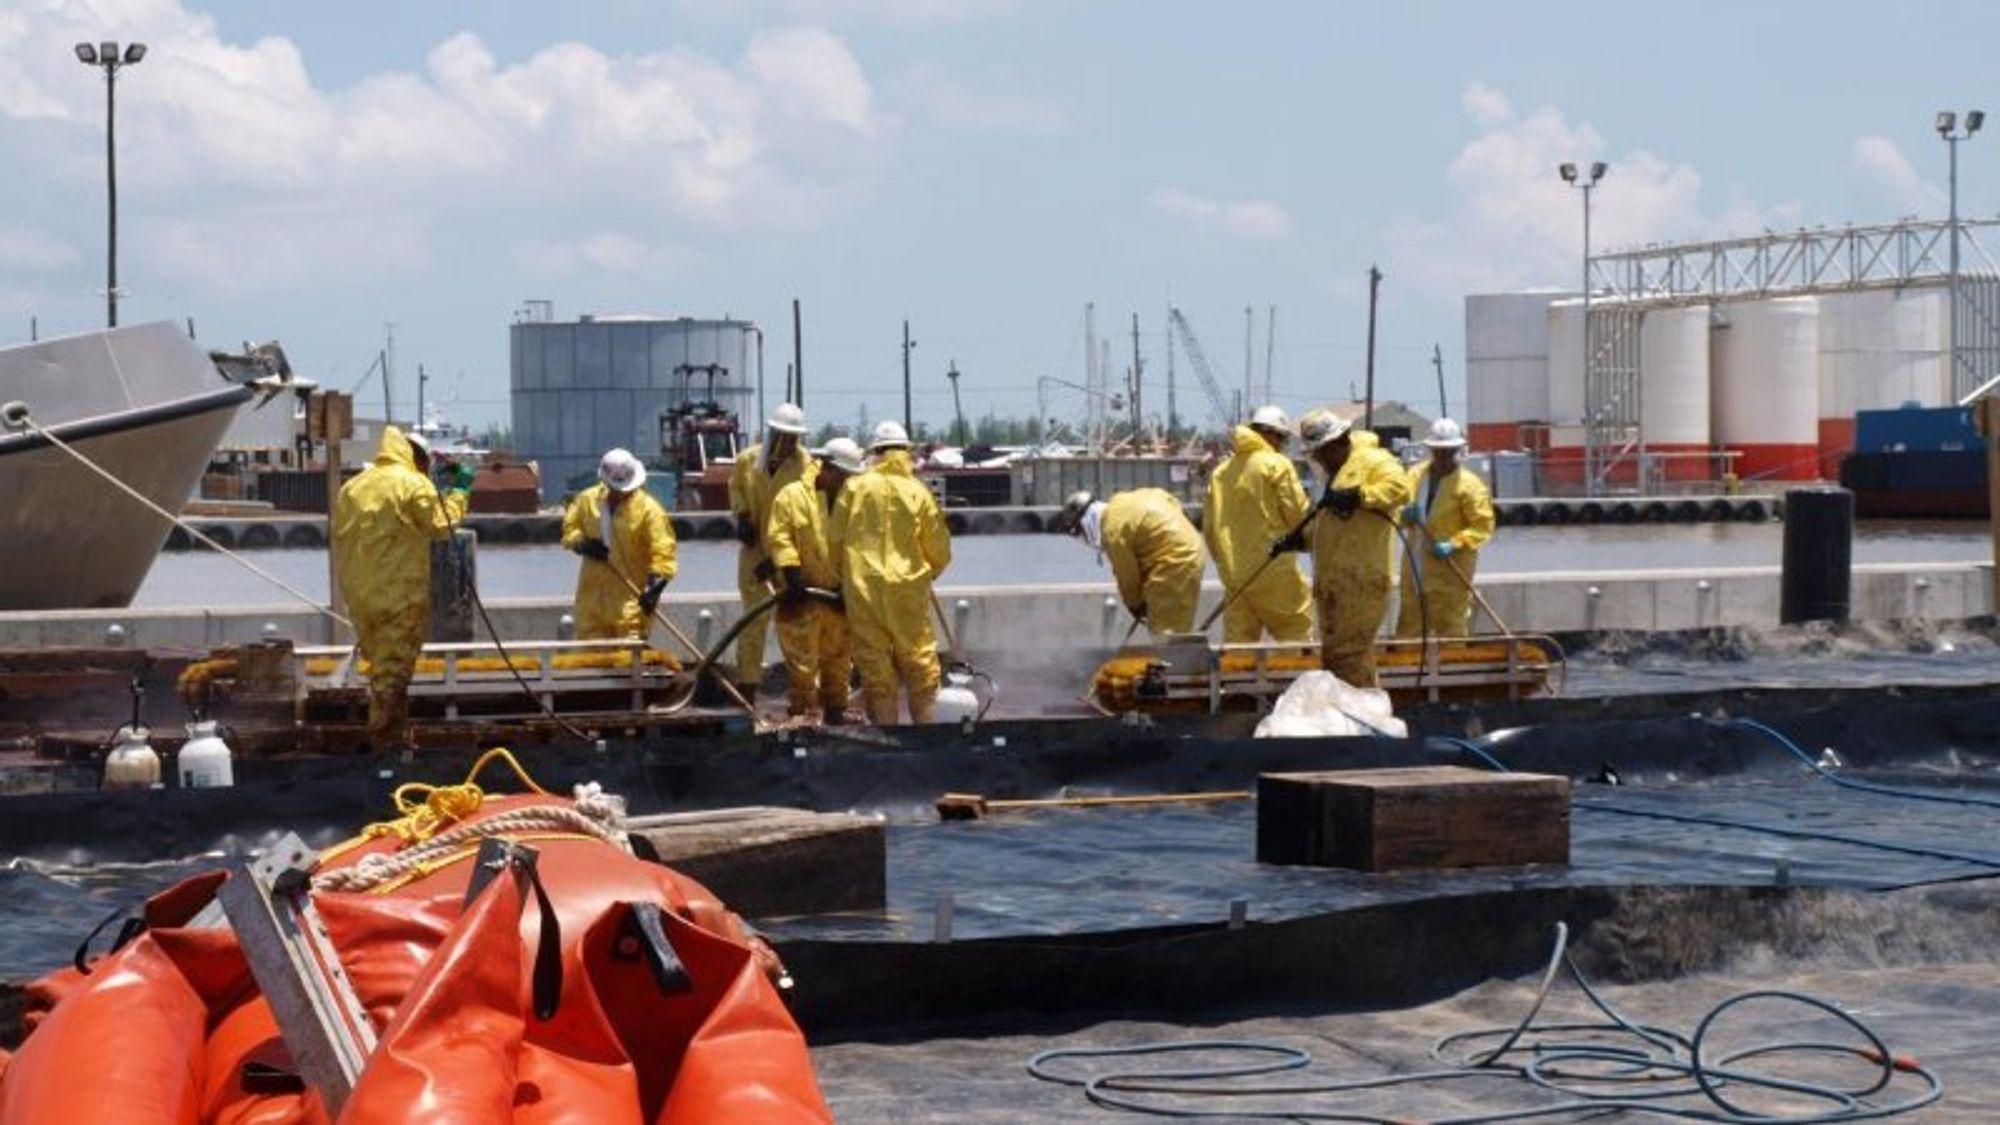 Fotoet er fra mai 2010, da arbeidere i havna i Venice i staten Louisiana vasker olje og dispergeringsmidler av utstyr ved hjelp av høytrykksspyling.